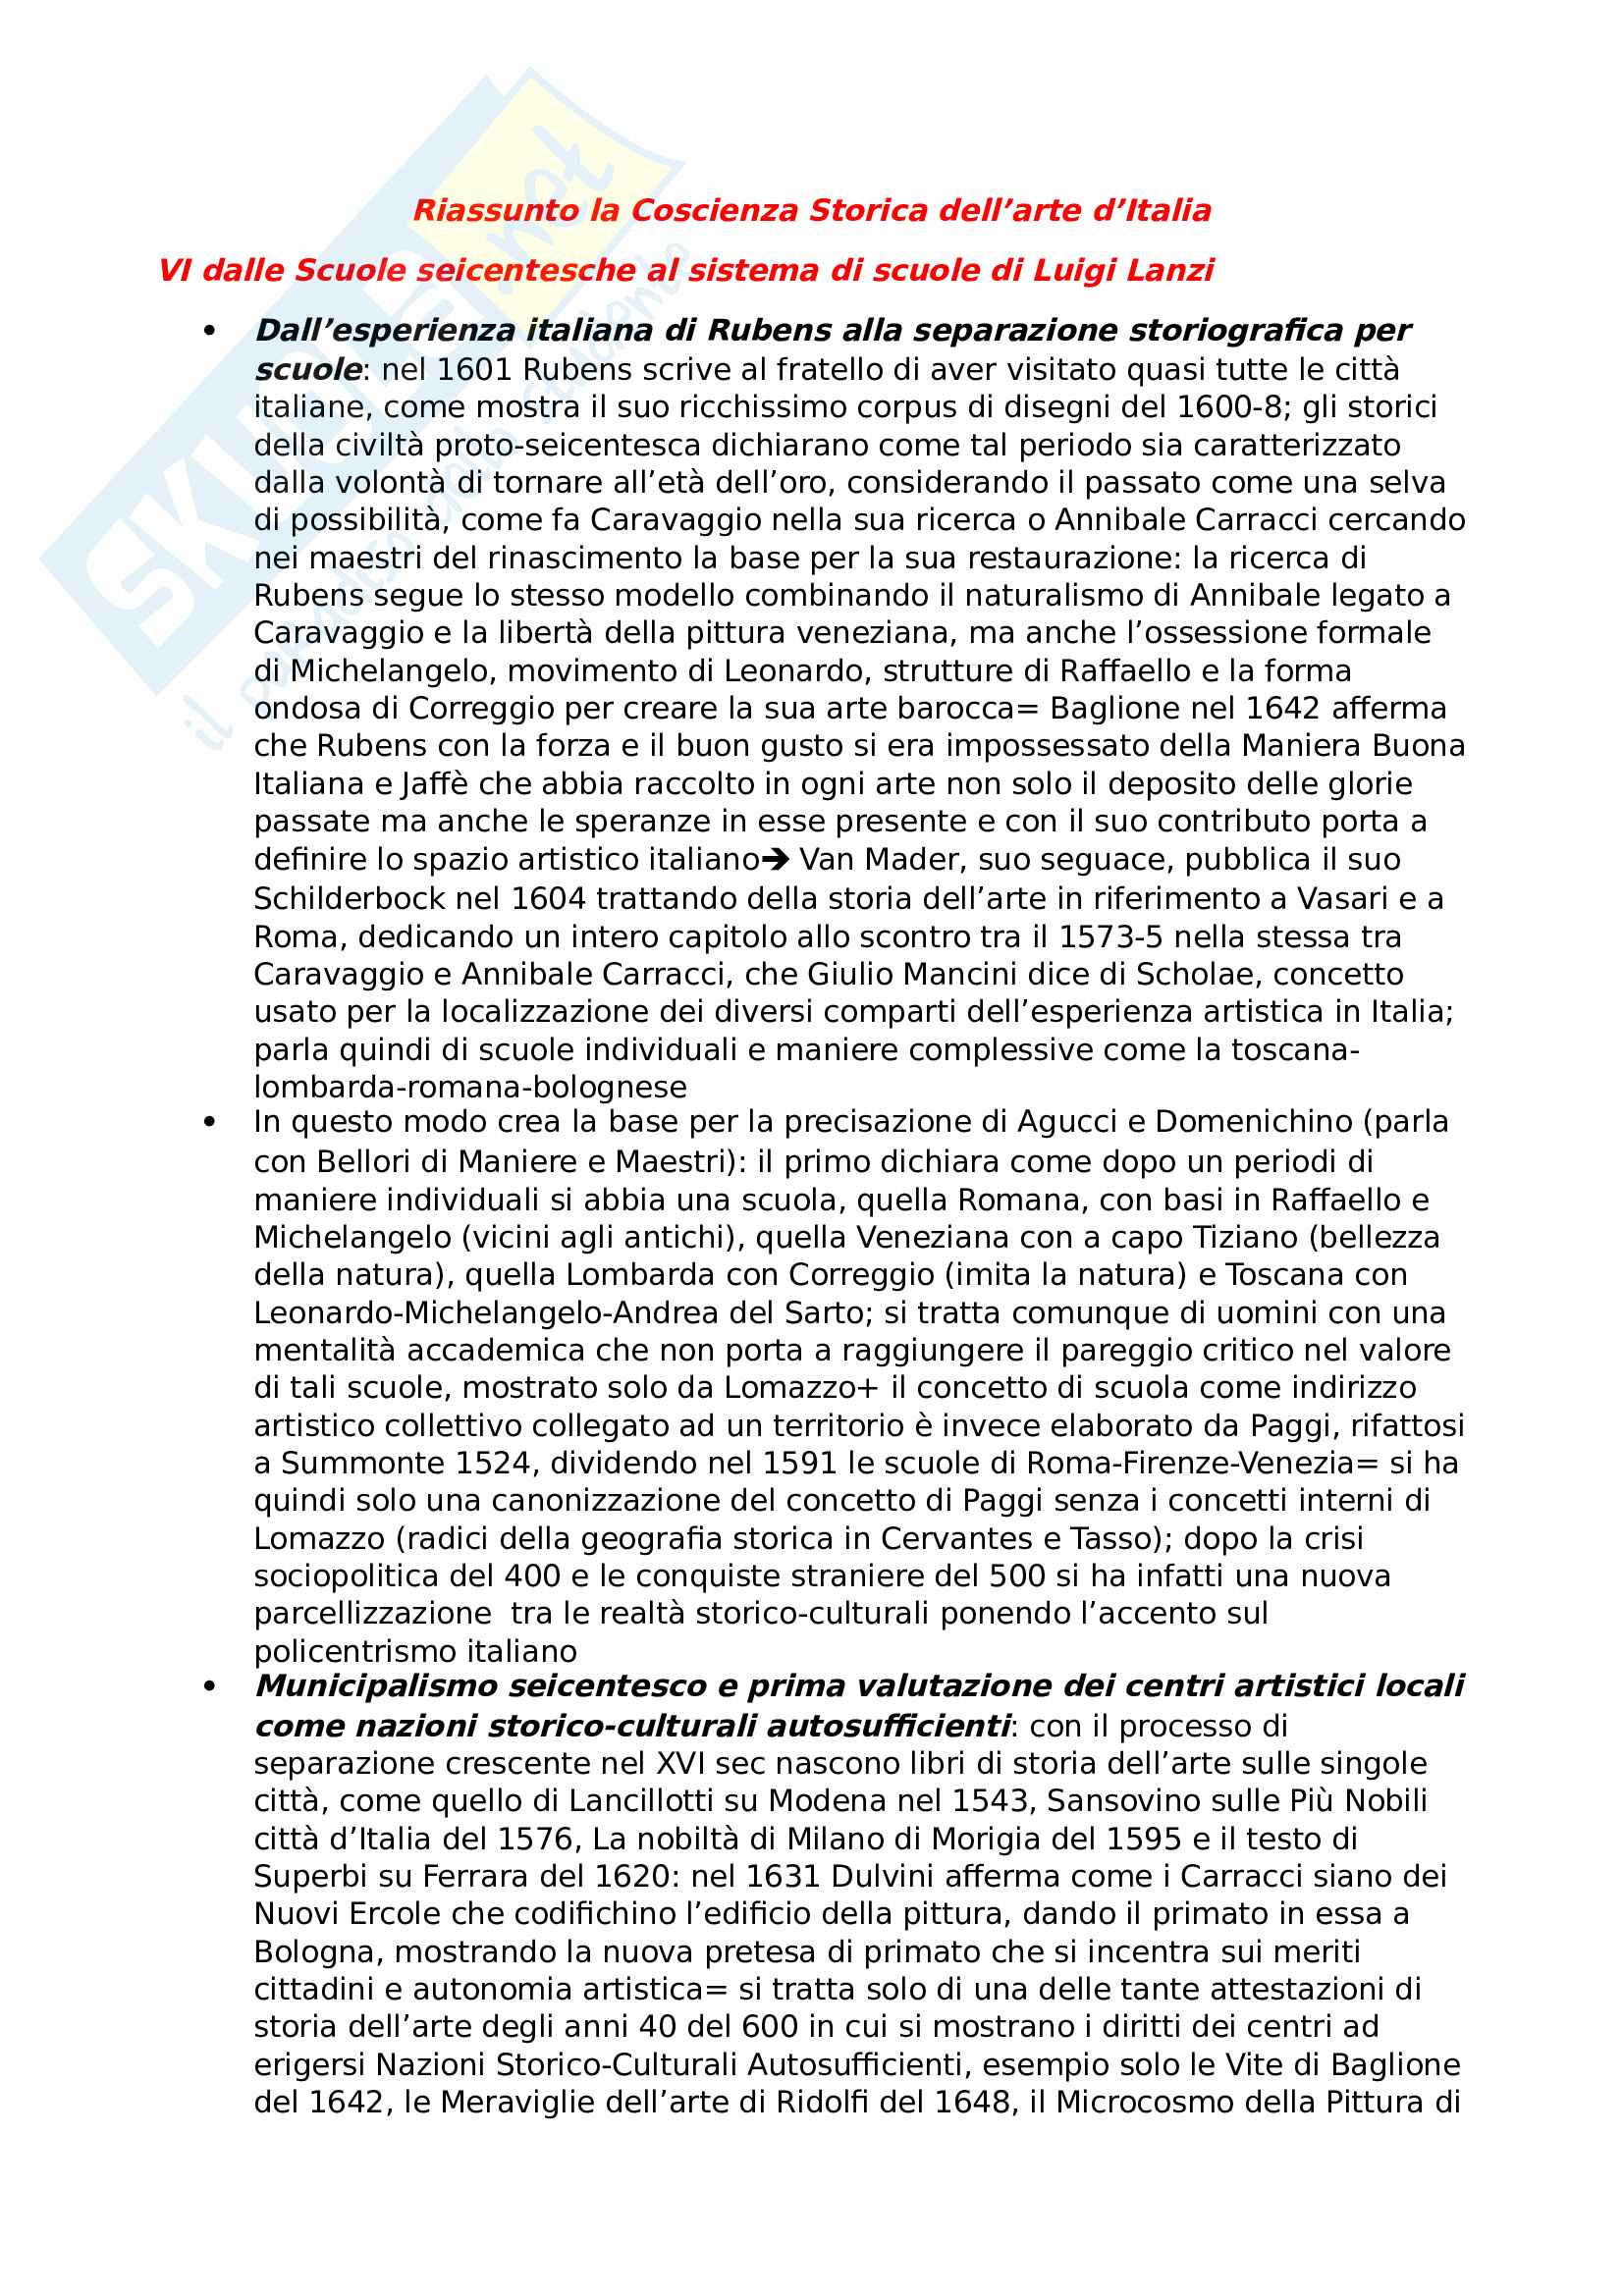 Riassunto esame storia della Letteratura artistica, prof Sacchi, libro consigliato la Coscienza Storica dell'arte, Bologna